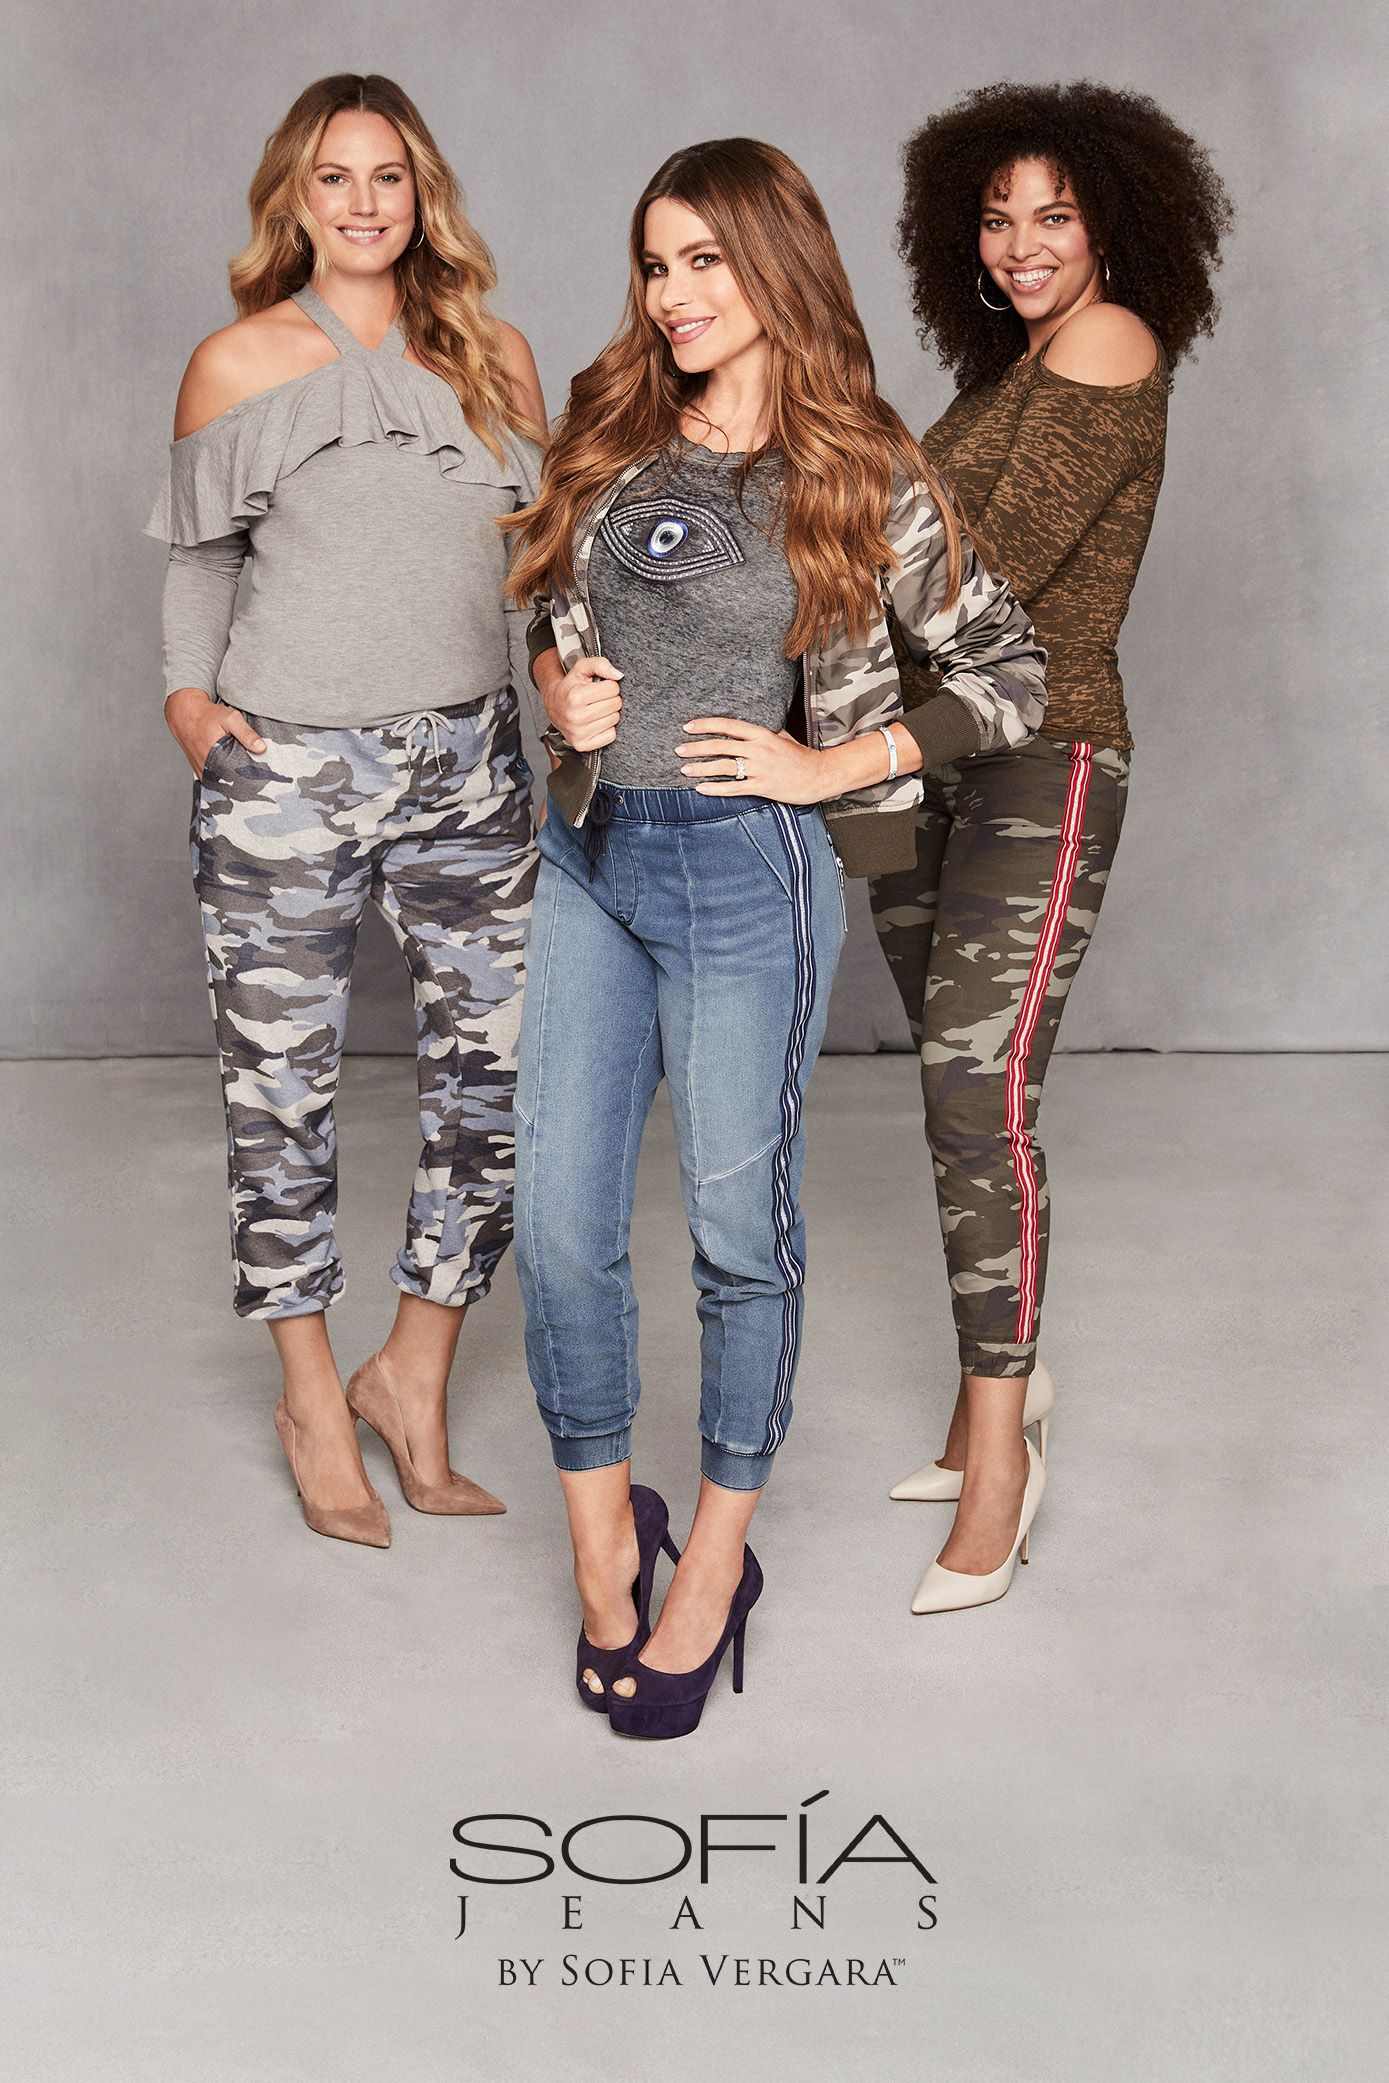 Shop Sof 237 A Jeans By Sof 237 A Vergara Now On Walmart Com